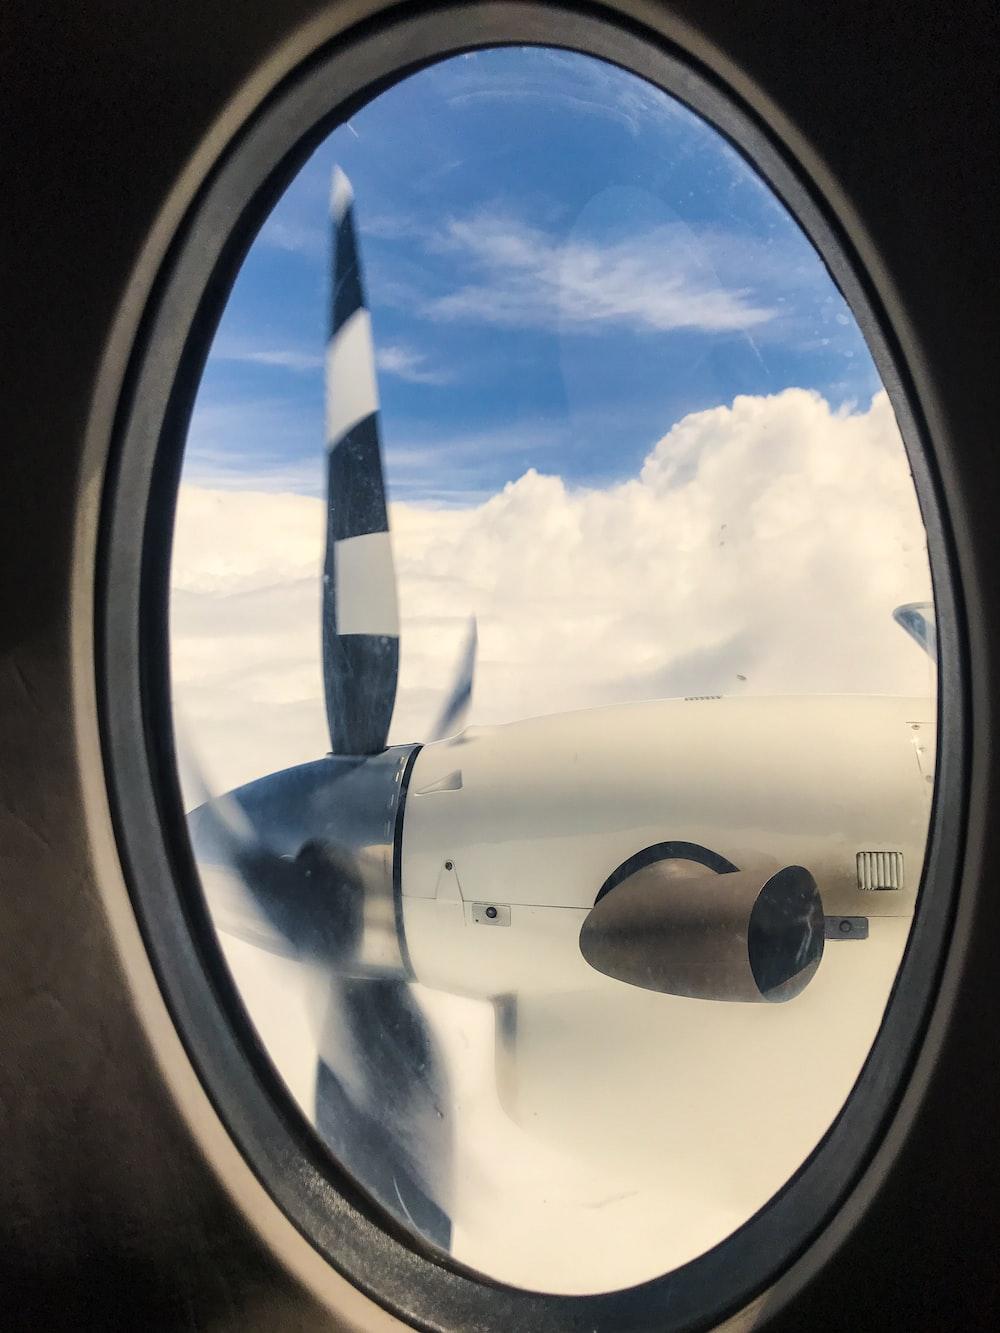 window shot of plane's propeller